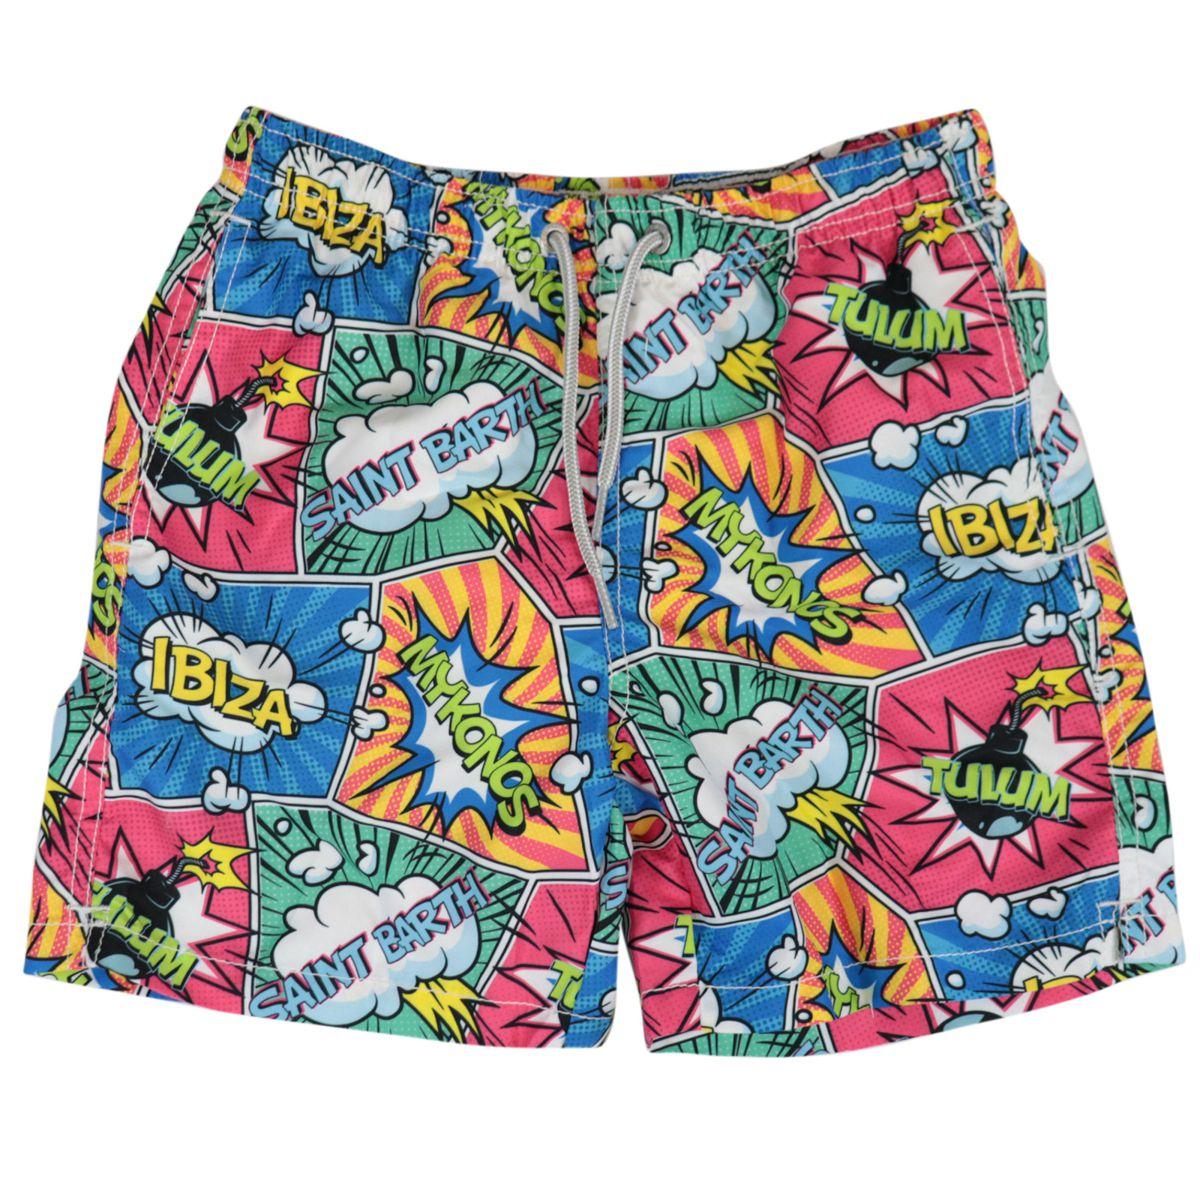 Jean seaside swimsuit with pop color print Multicolor MC2 Saint Barth